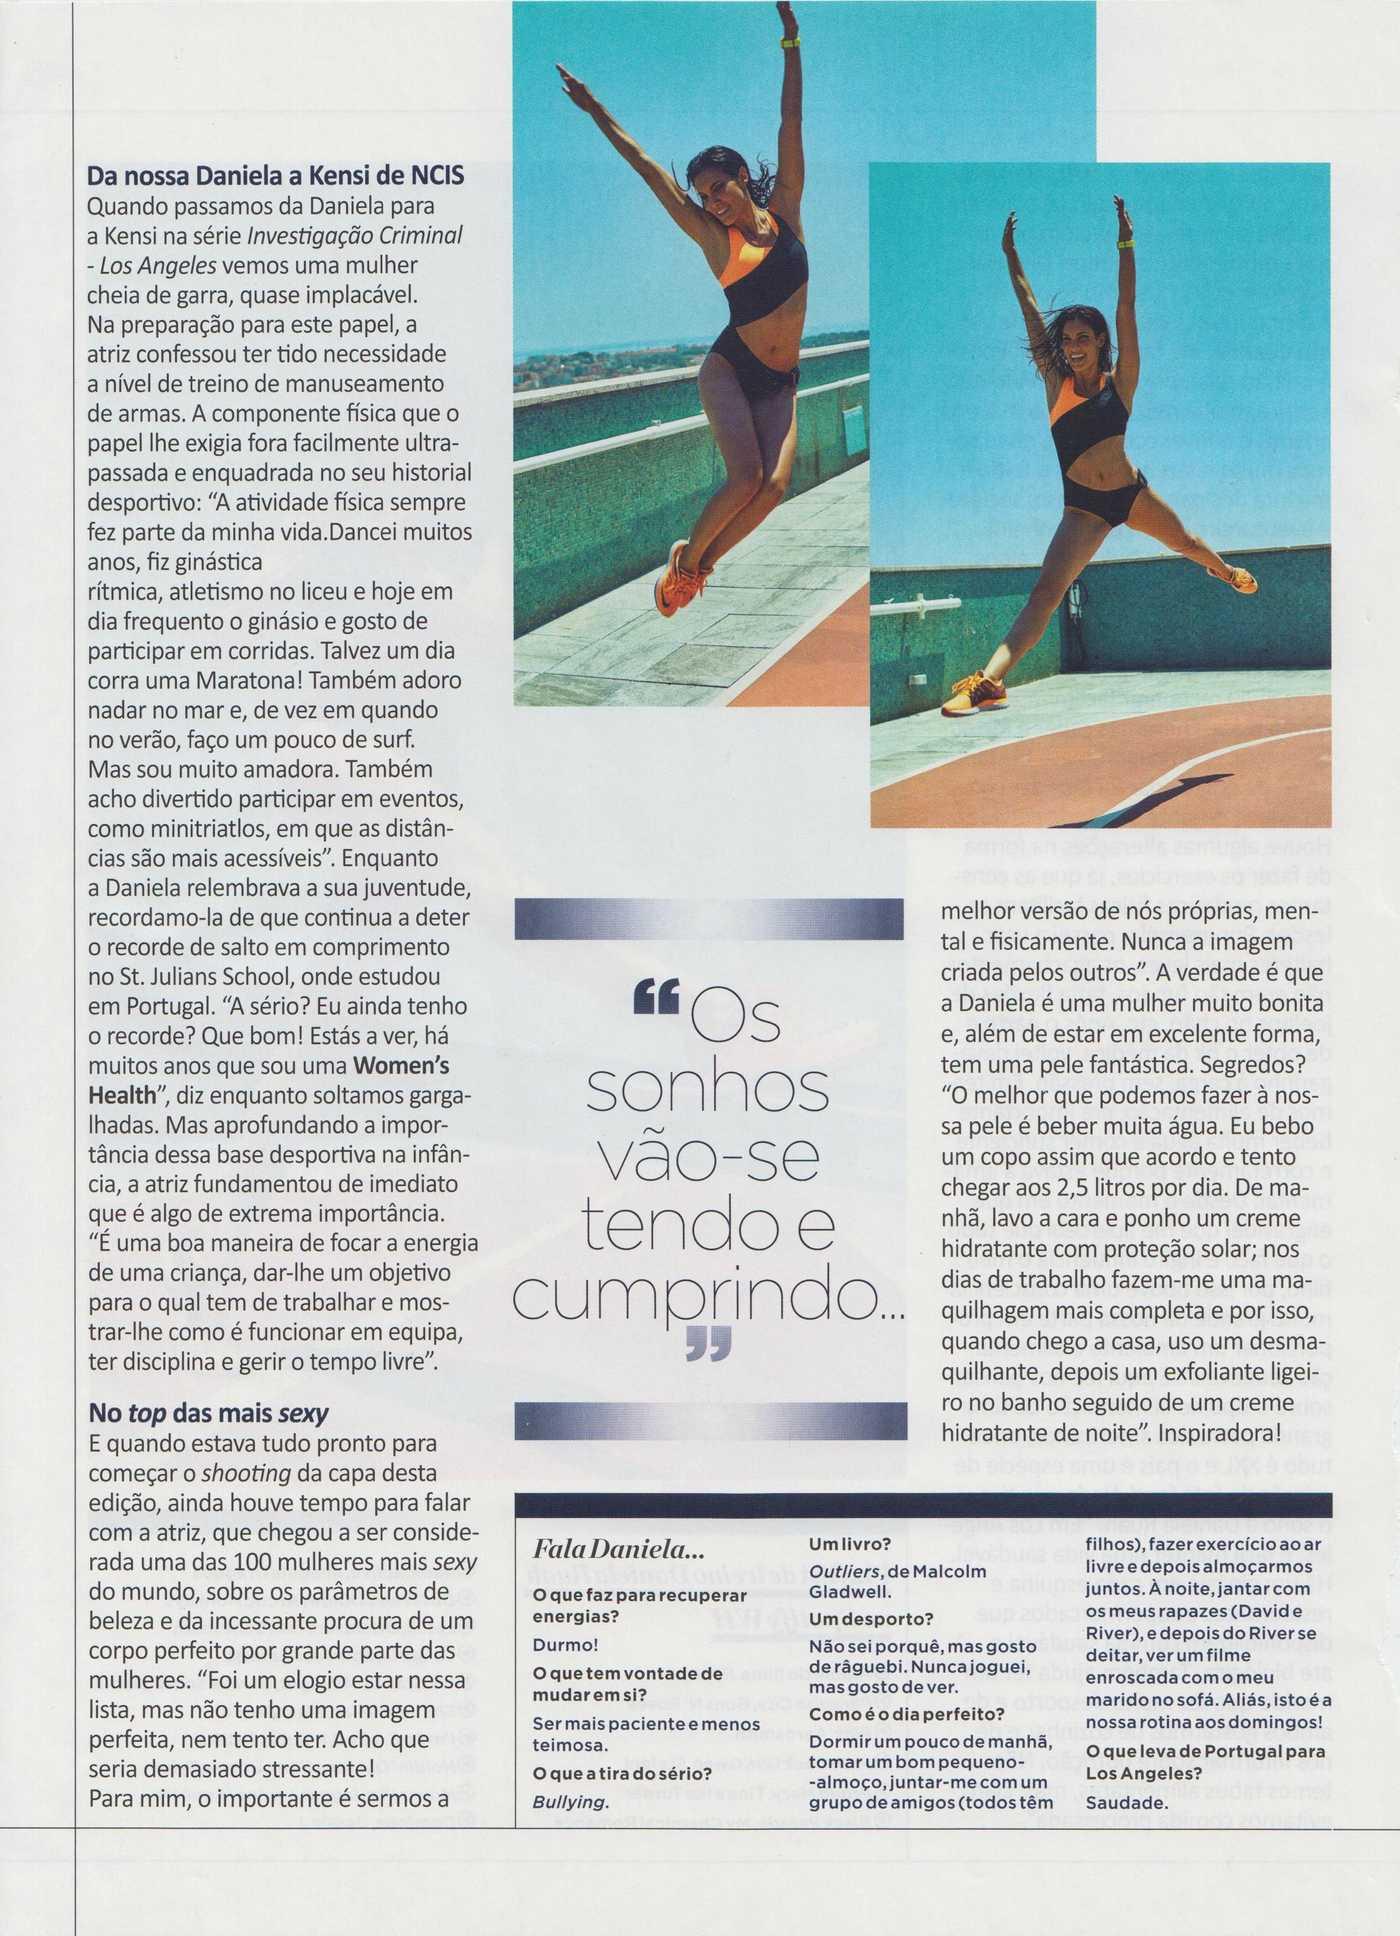 Daniela Ruah Womens Health Portugal